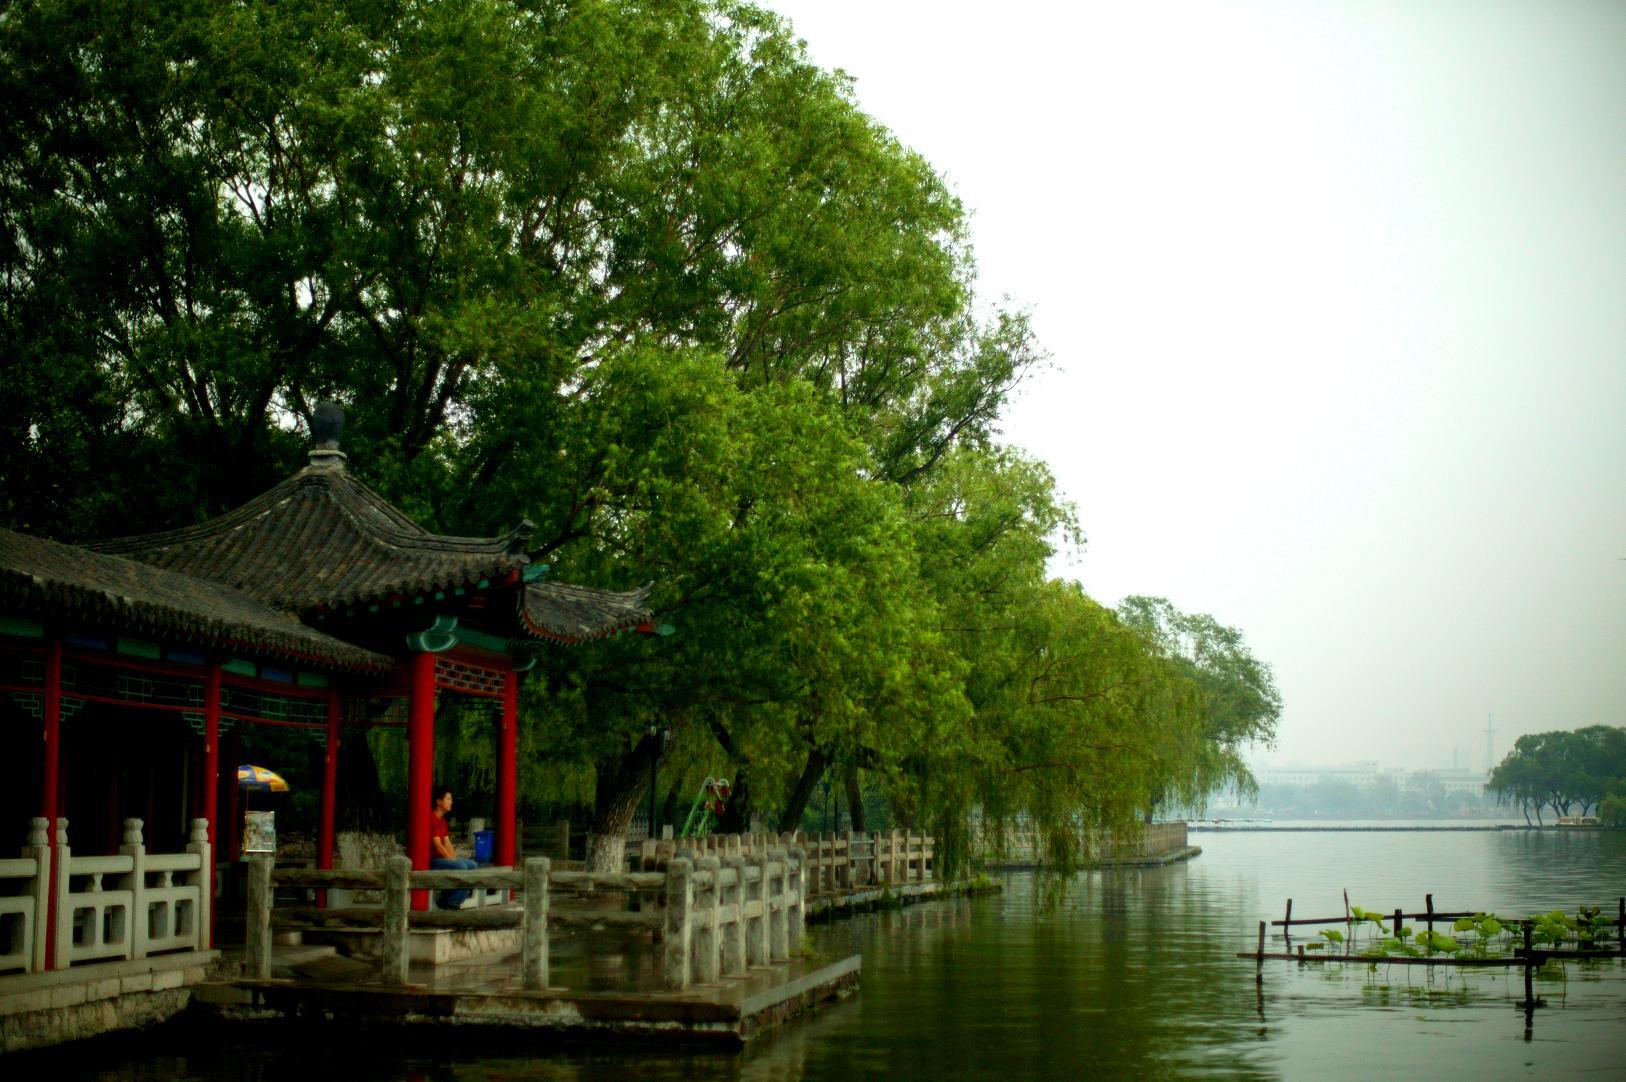 济南/行色匆匆又下雨,在济南城里连东南西北都分不清。